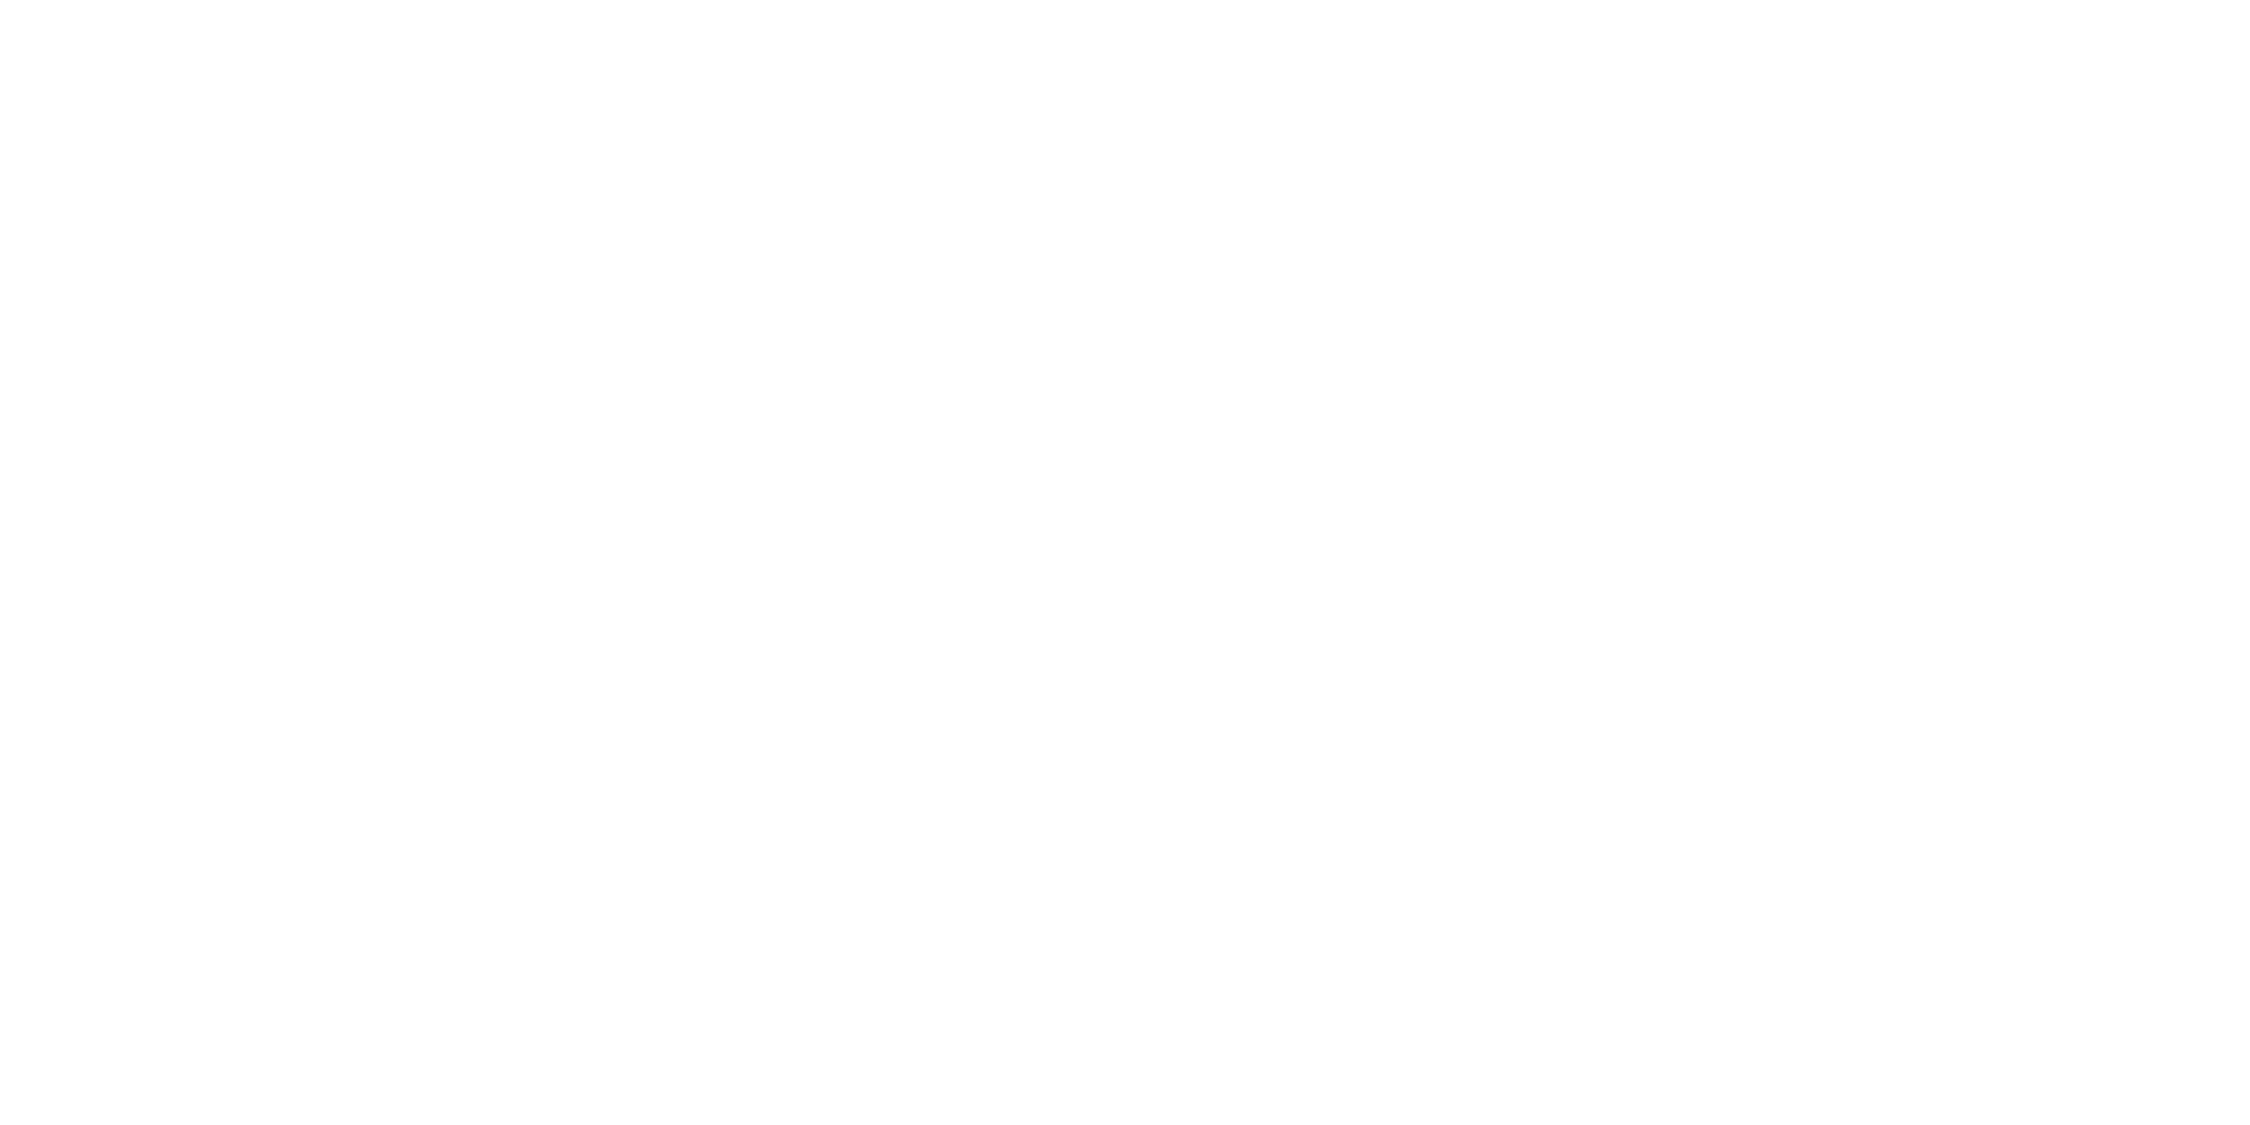 Logo_Tiempo de Inversion_Blanco